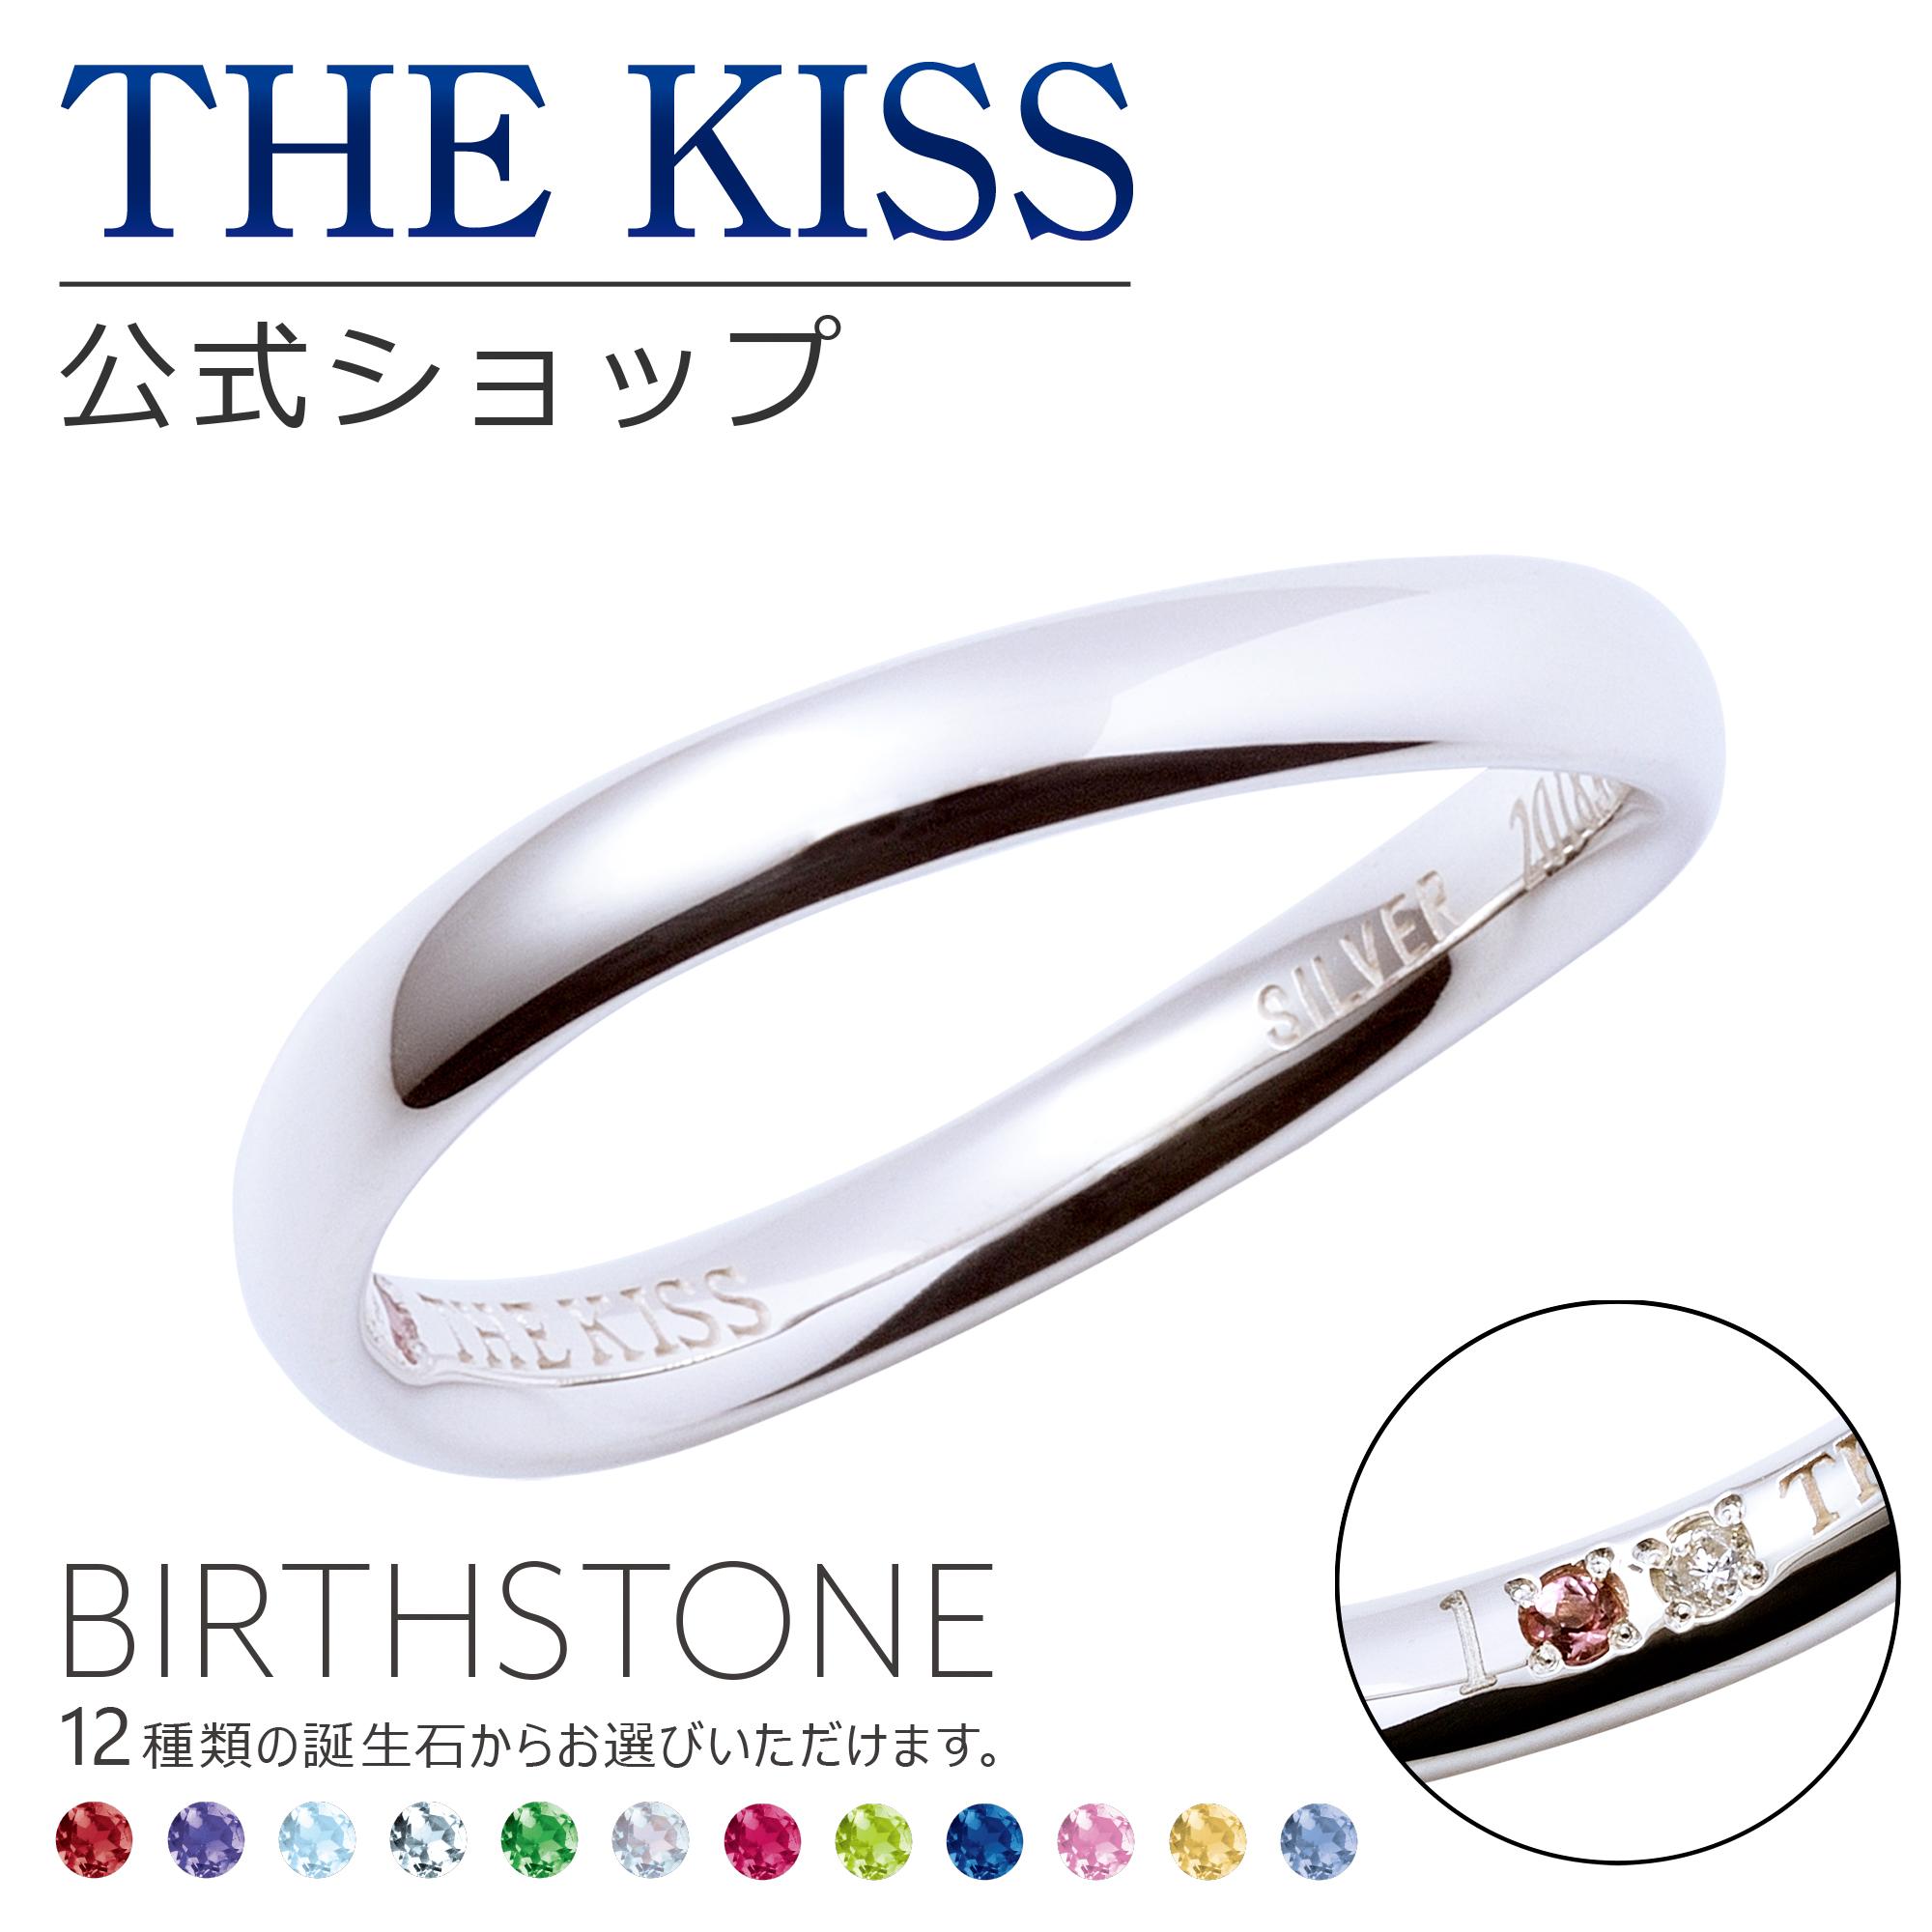 【刻印可_20文字】【代引不可】【THE KISS COUPLE'S】THE KISS 公式サイト セミオーダー シルバー ペアリング ( レディース ・ メンズ 単品 ) ペアアクセサリー カップル に 人気 の ジュエリーブランド THEKISS ペア リング・指輪 誕生石 ザキス BD-R1500SV 【送料無料】